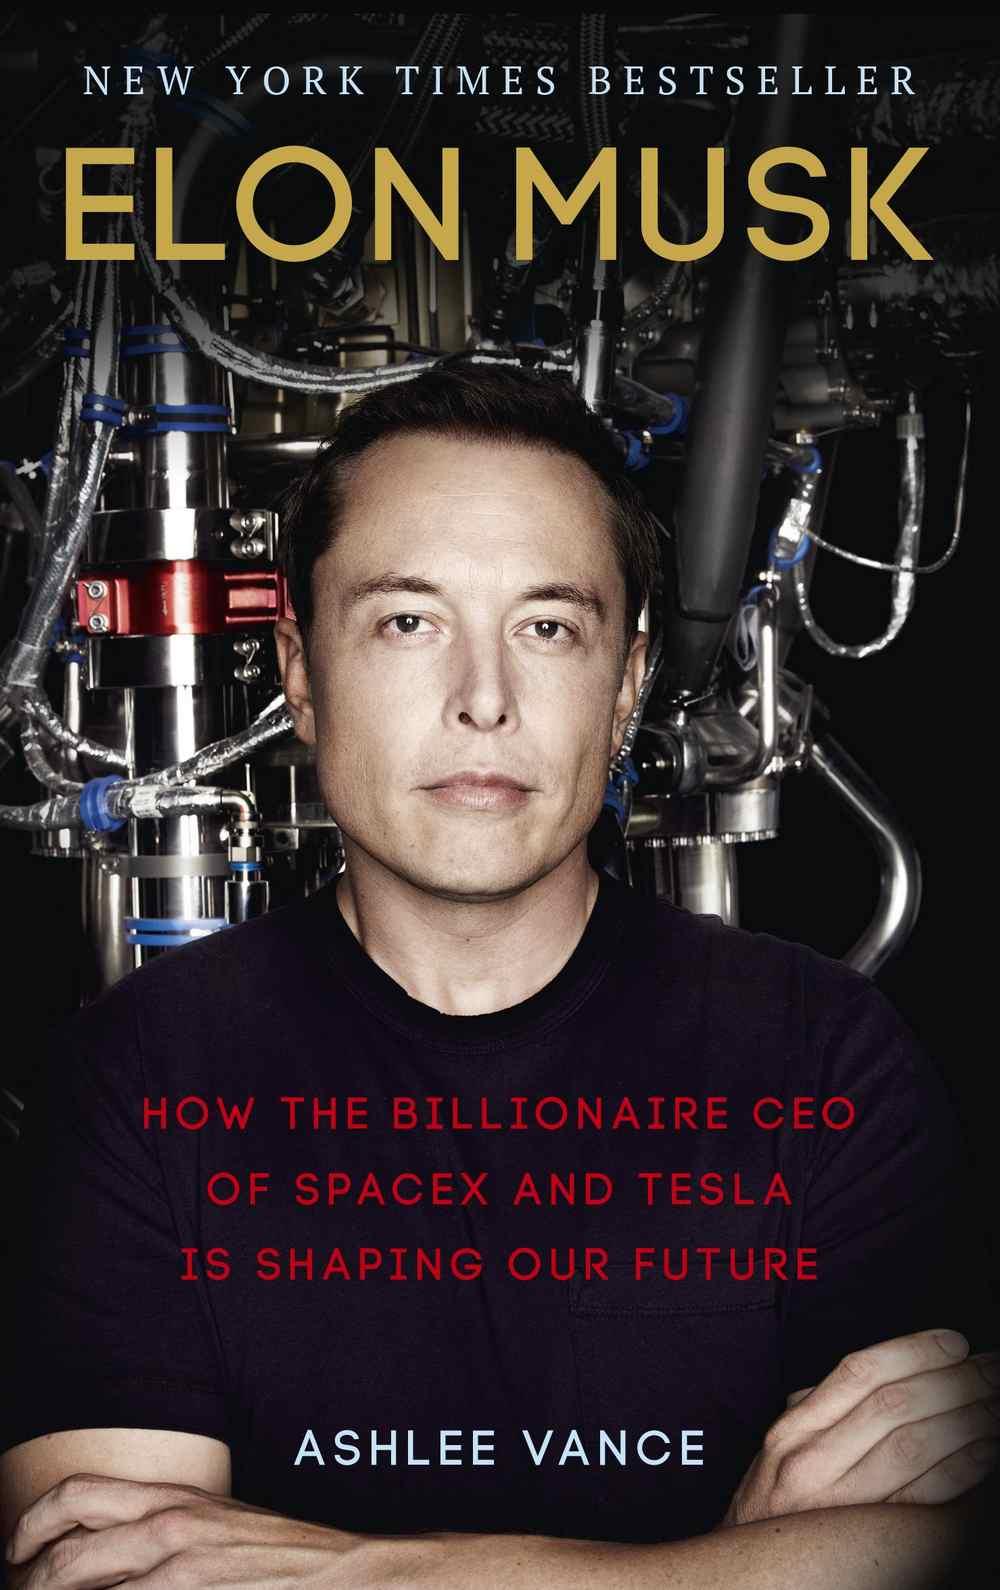 Elon Musk- Ashlee Vance. Image credit: Amazon